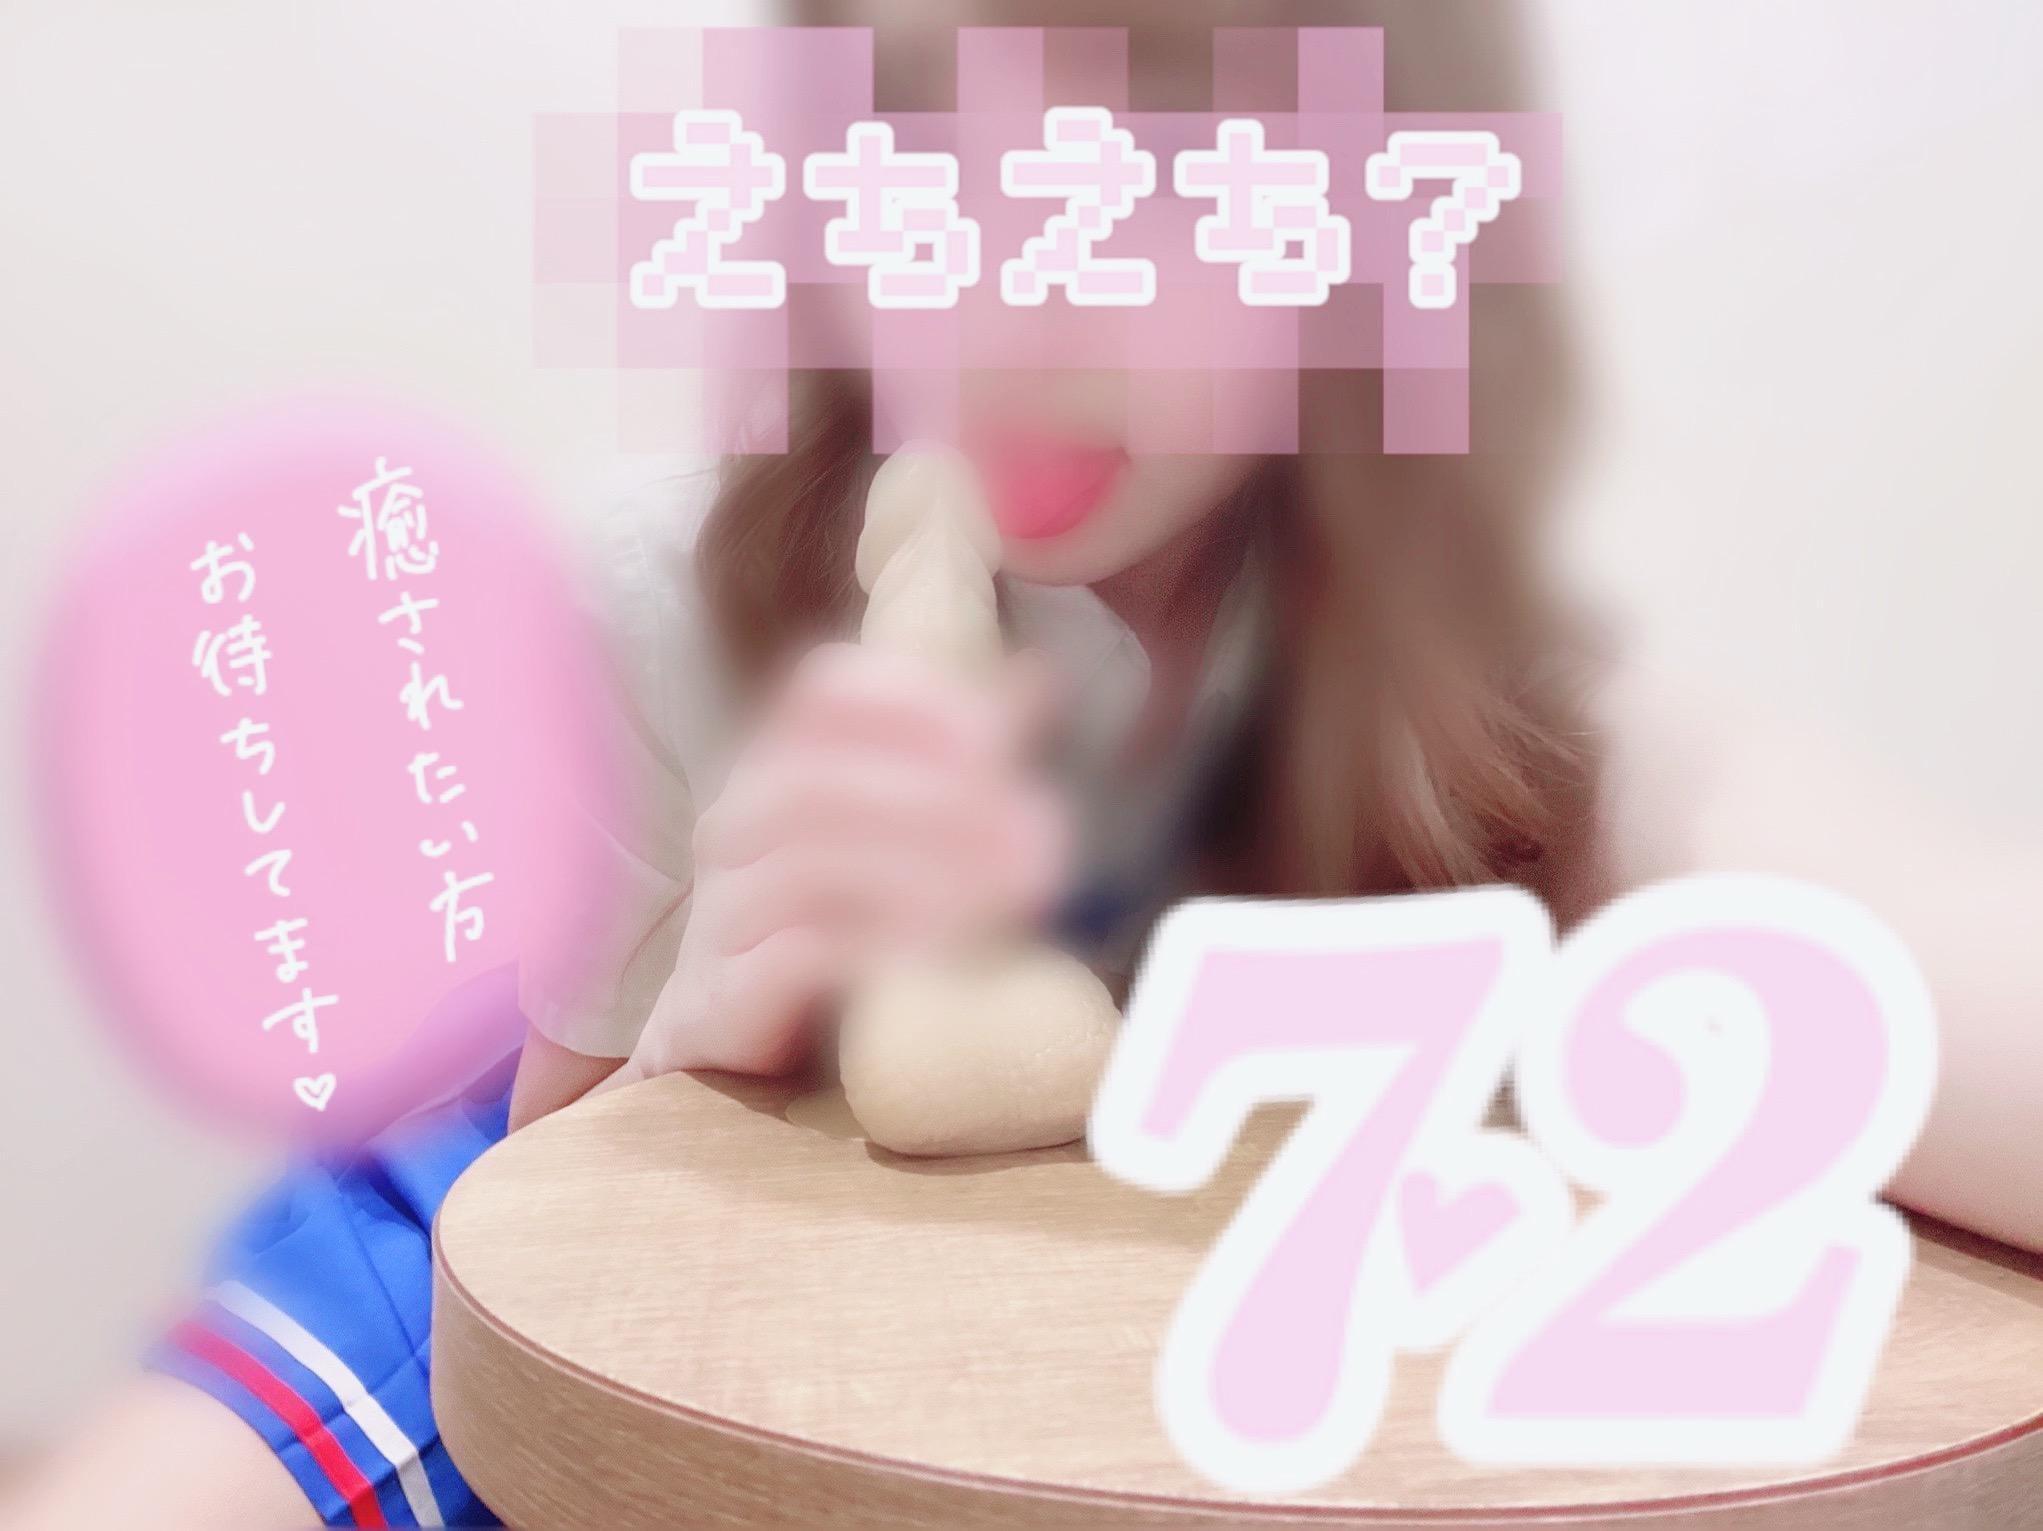 「抜き始めした〜❓」01/14(木) 00:02 | 二宮の写メ・風俗動画